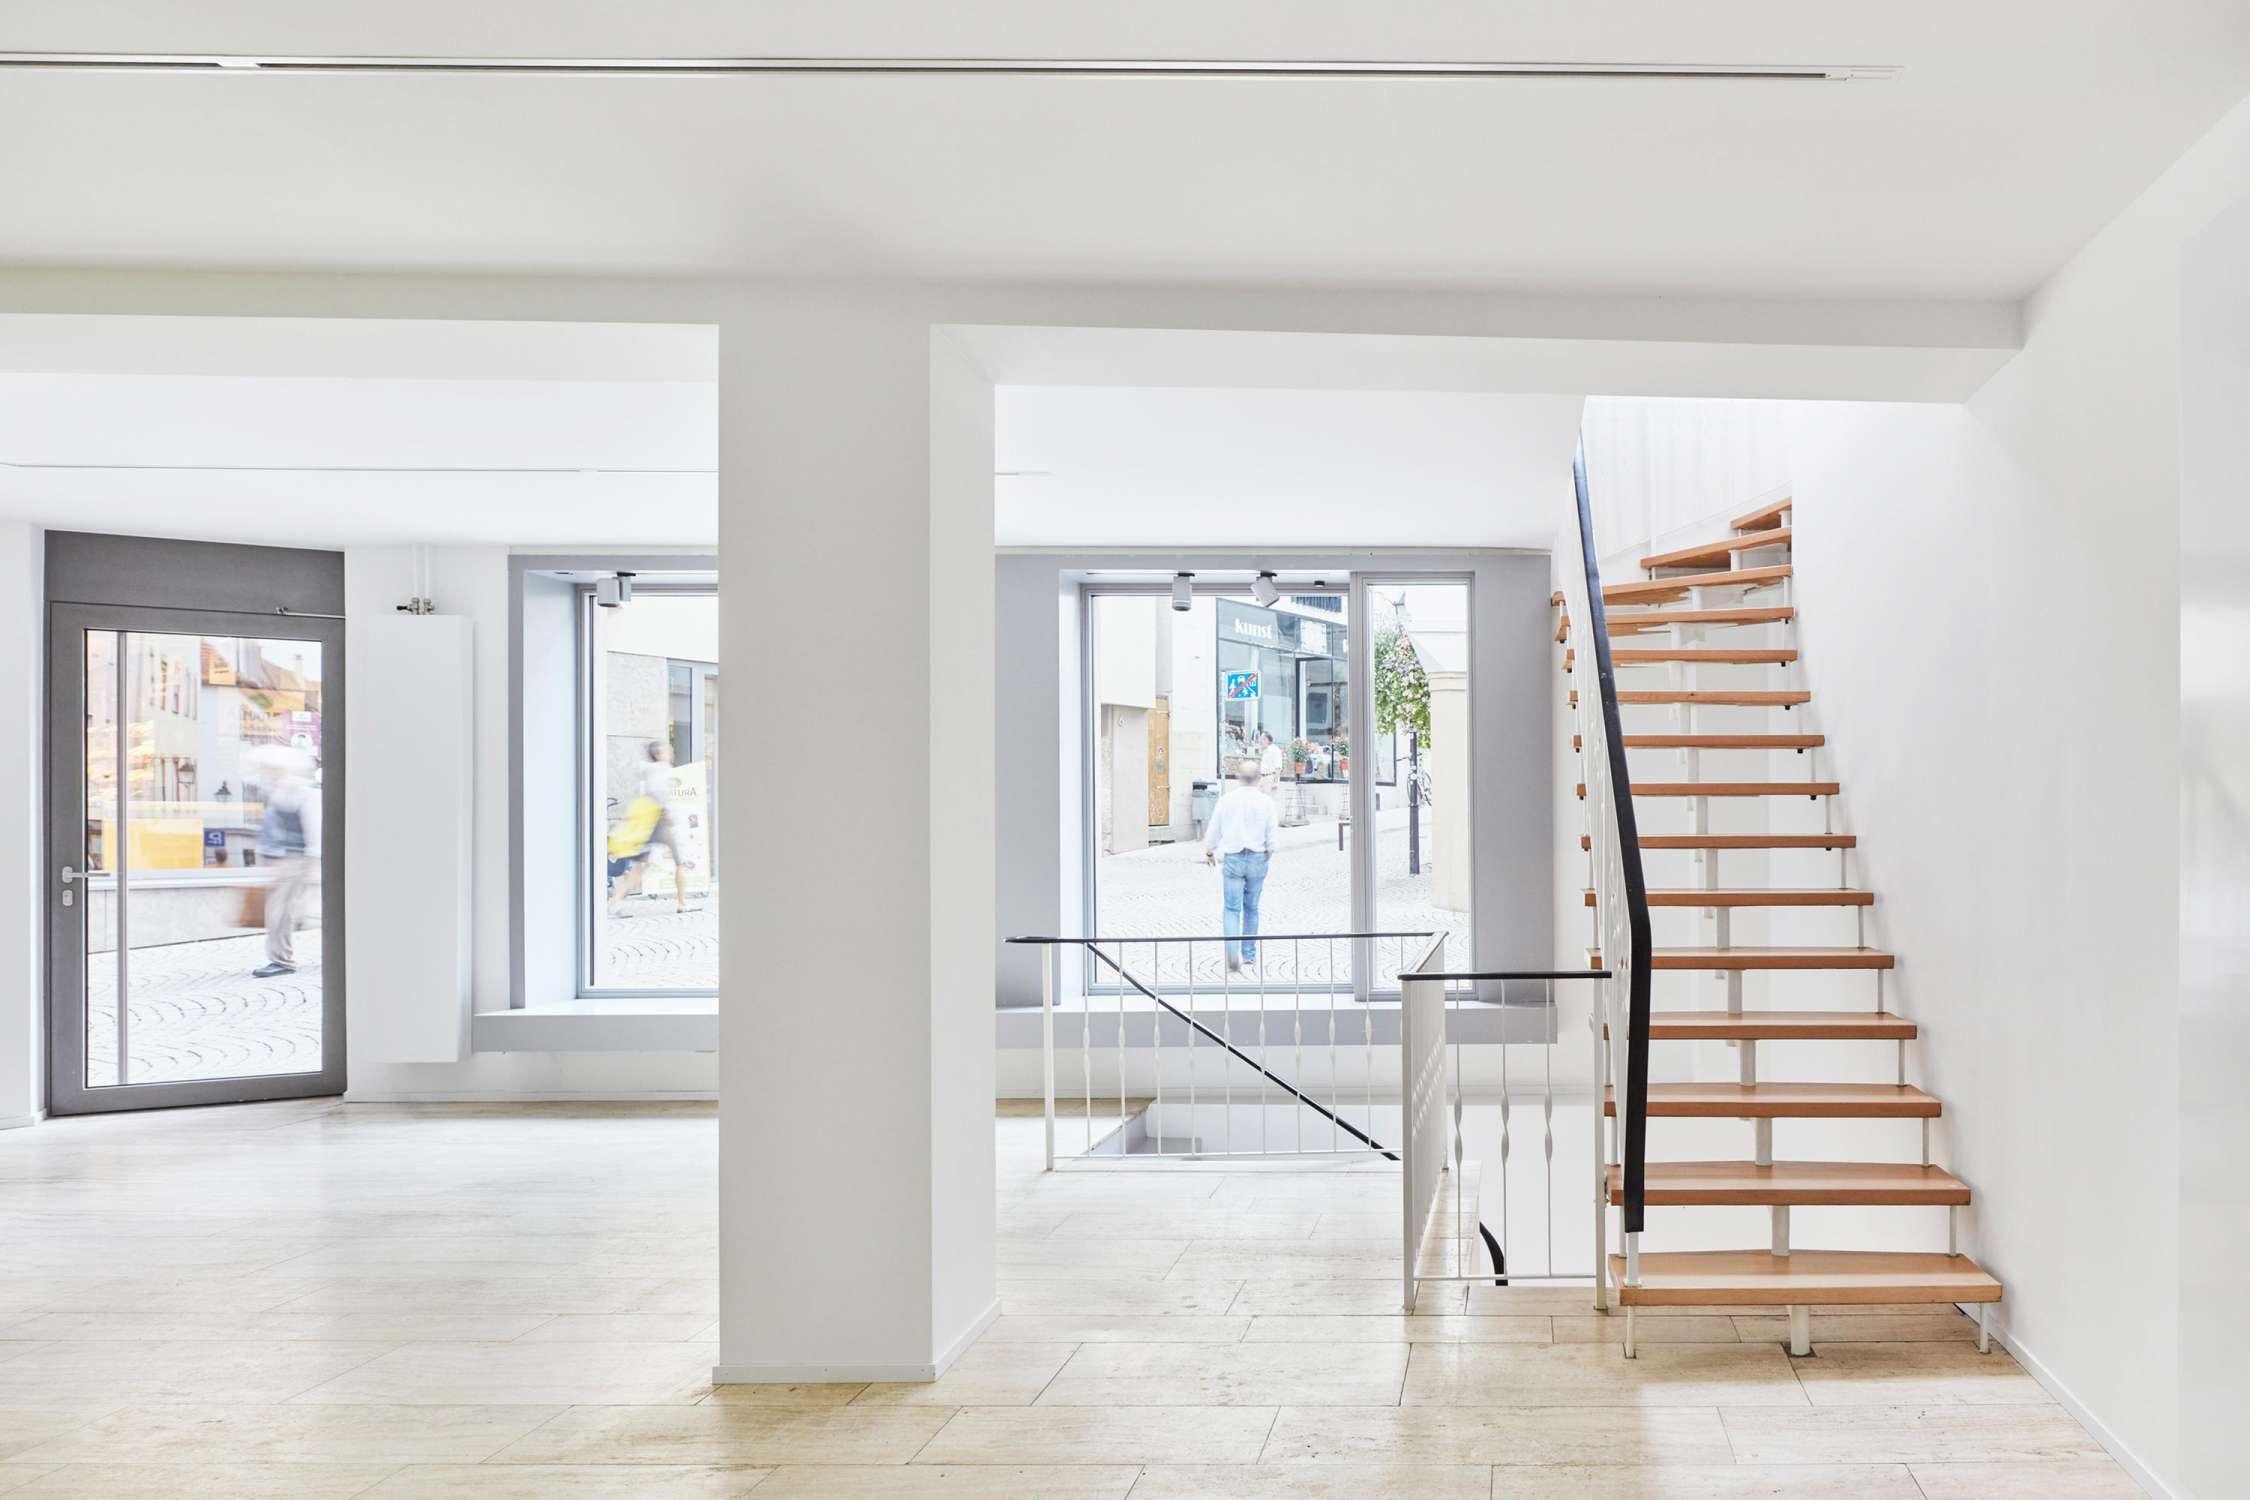 Ladensanierung und Umbau im Baudenkmal Hafengasse11 (5)